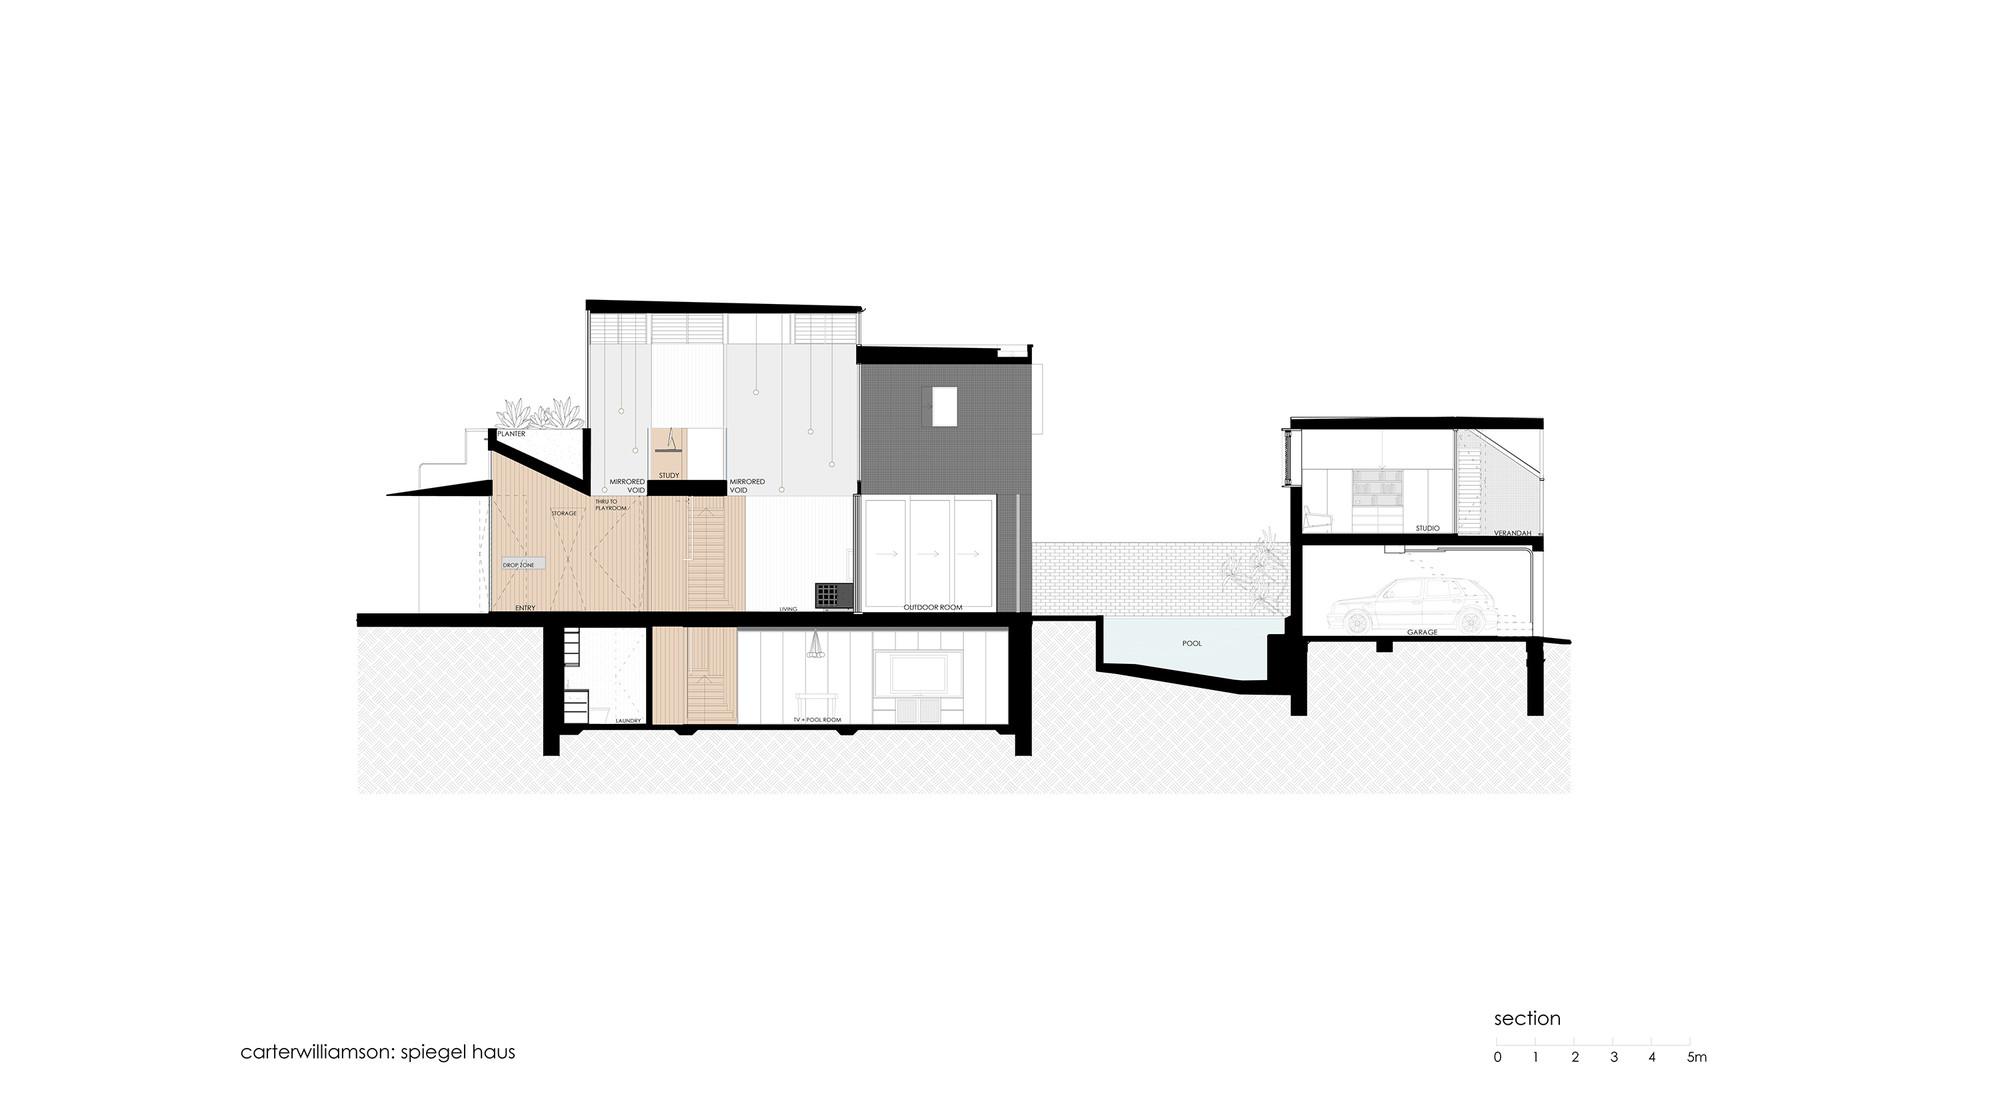 spiegel haus / carterwilliamson architects   archdaily, Hause deko